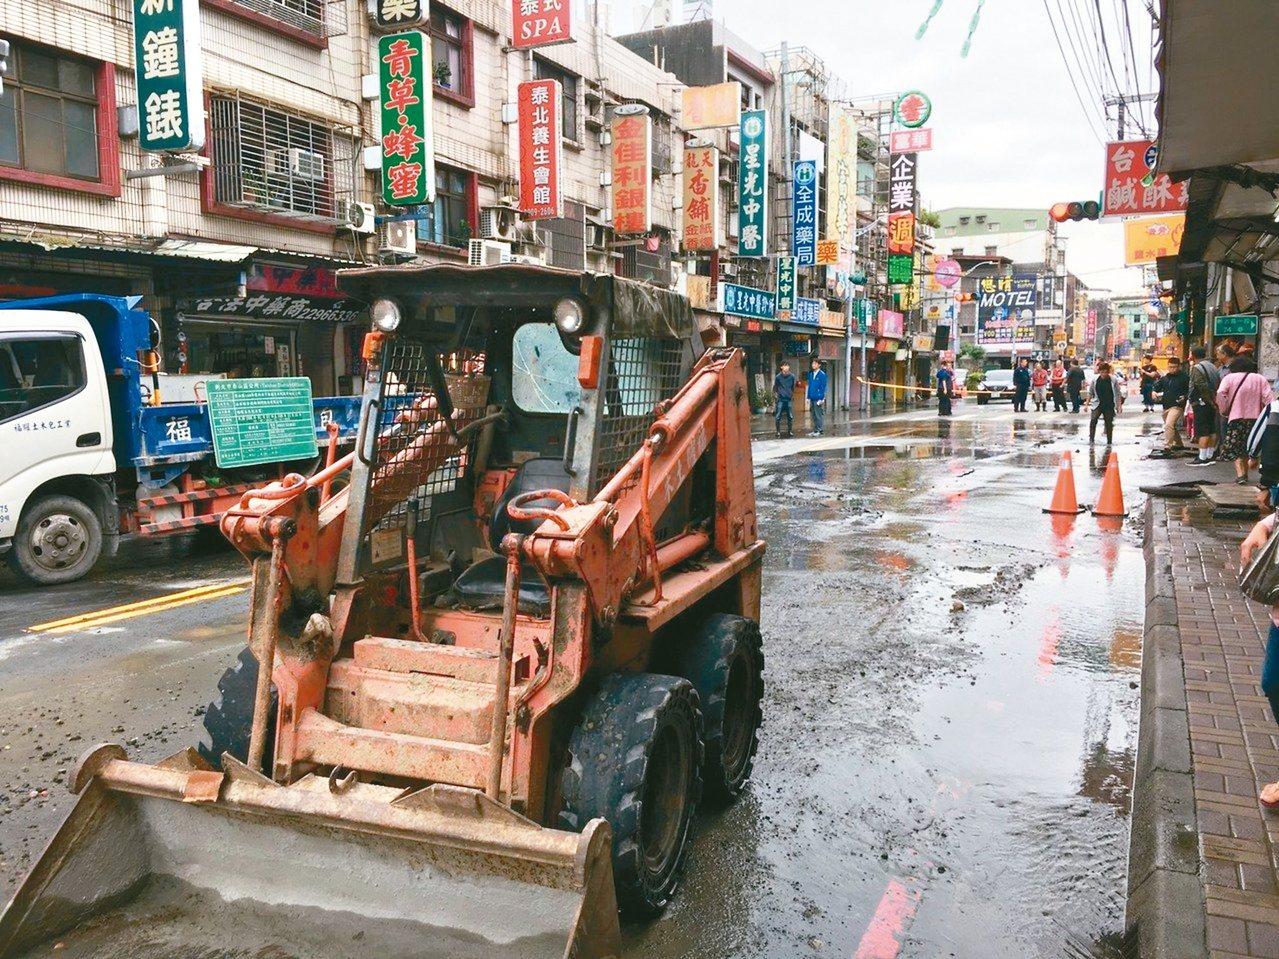 新北市泰山區明志路一段昨早因水管爆裂,造成明志路一段、美寧街口至大窠橋全線封閉。...